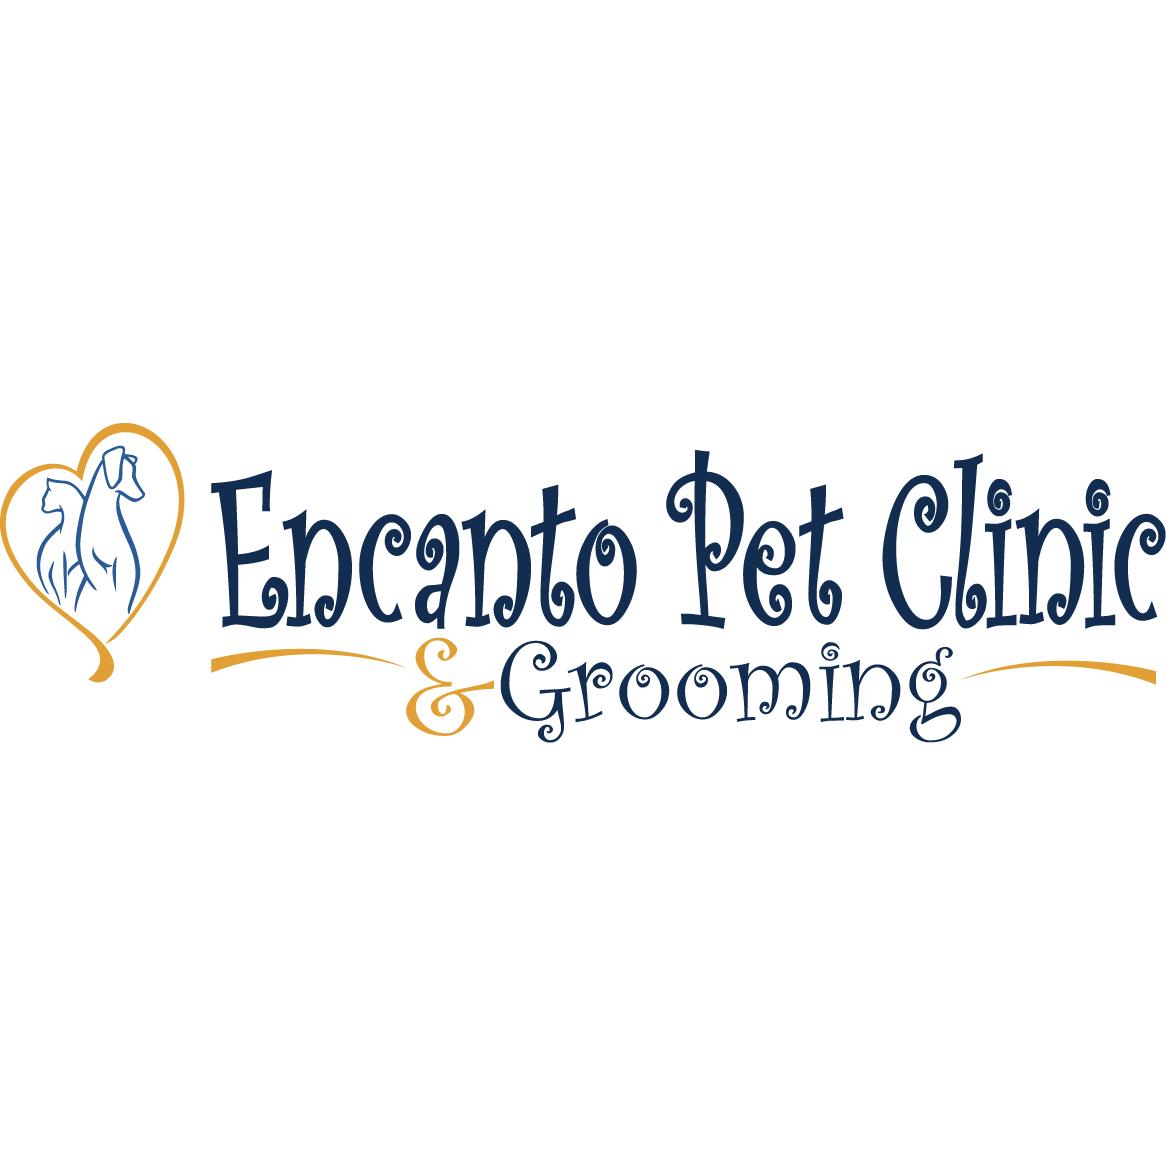 Encanto Pet Clinic image 7